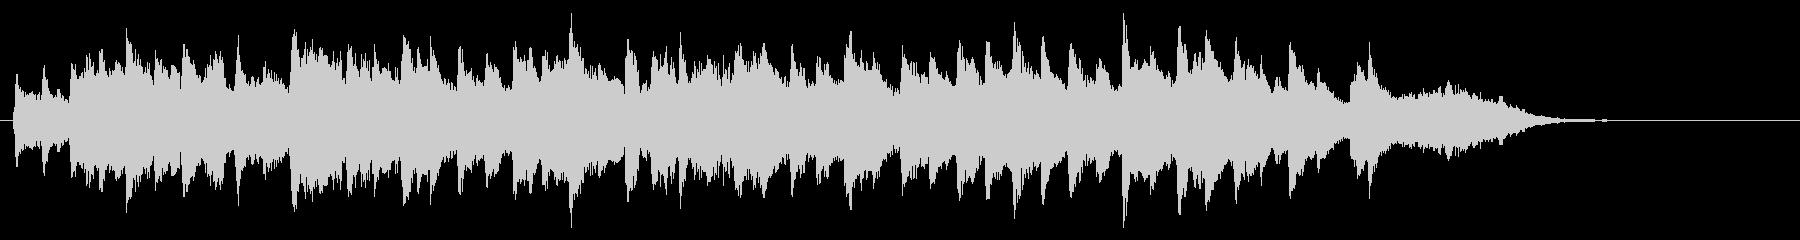 CMやVPにジングル品位あるオーケストラの未再生の波形